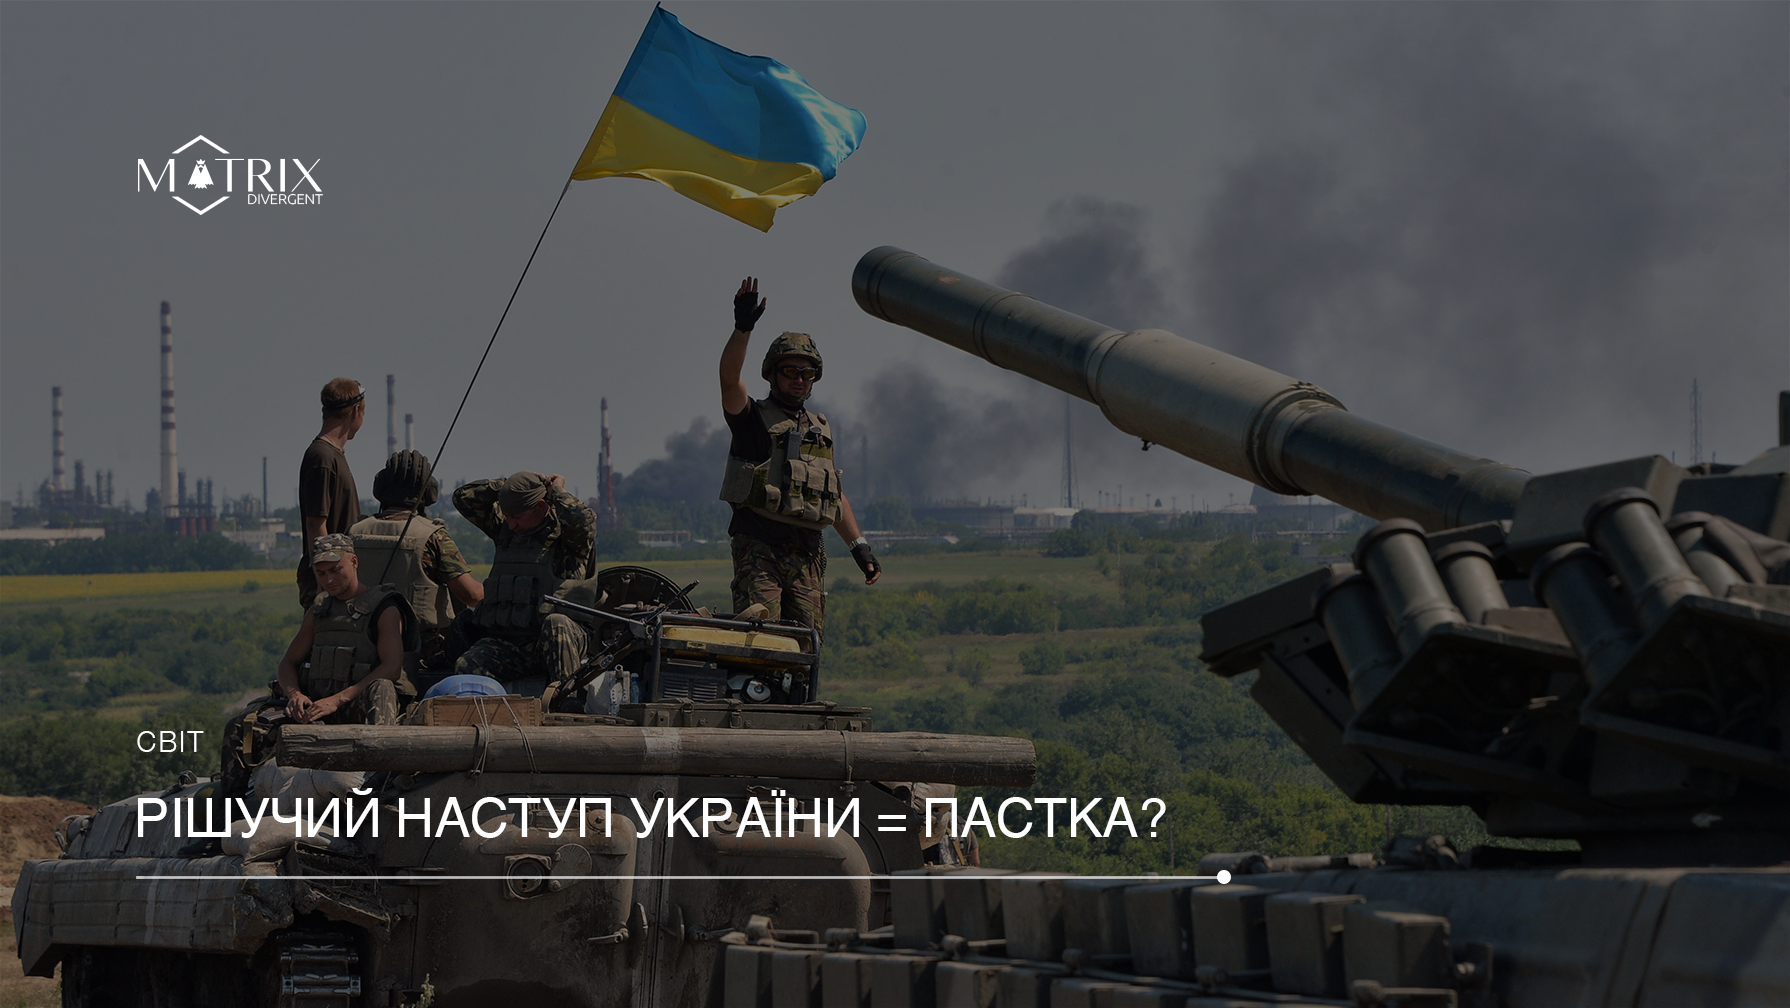 Хорватський сценарій для сходу України?